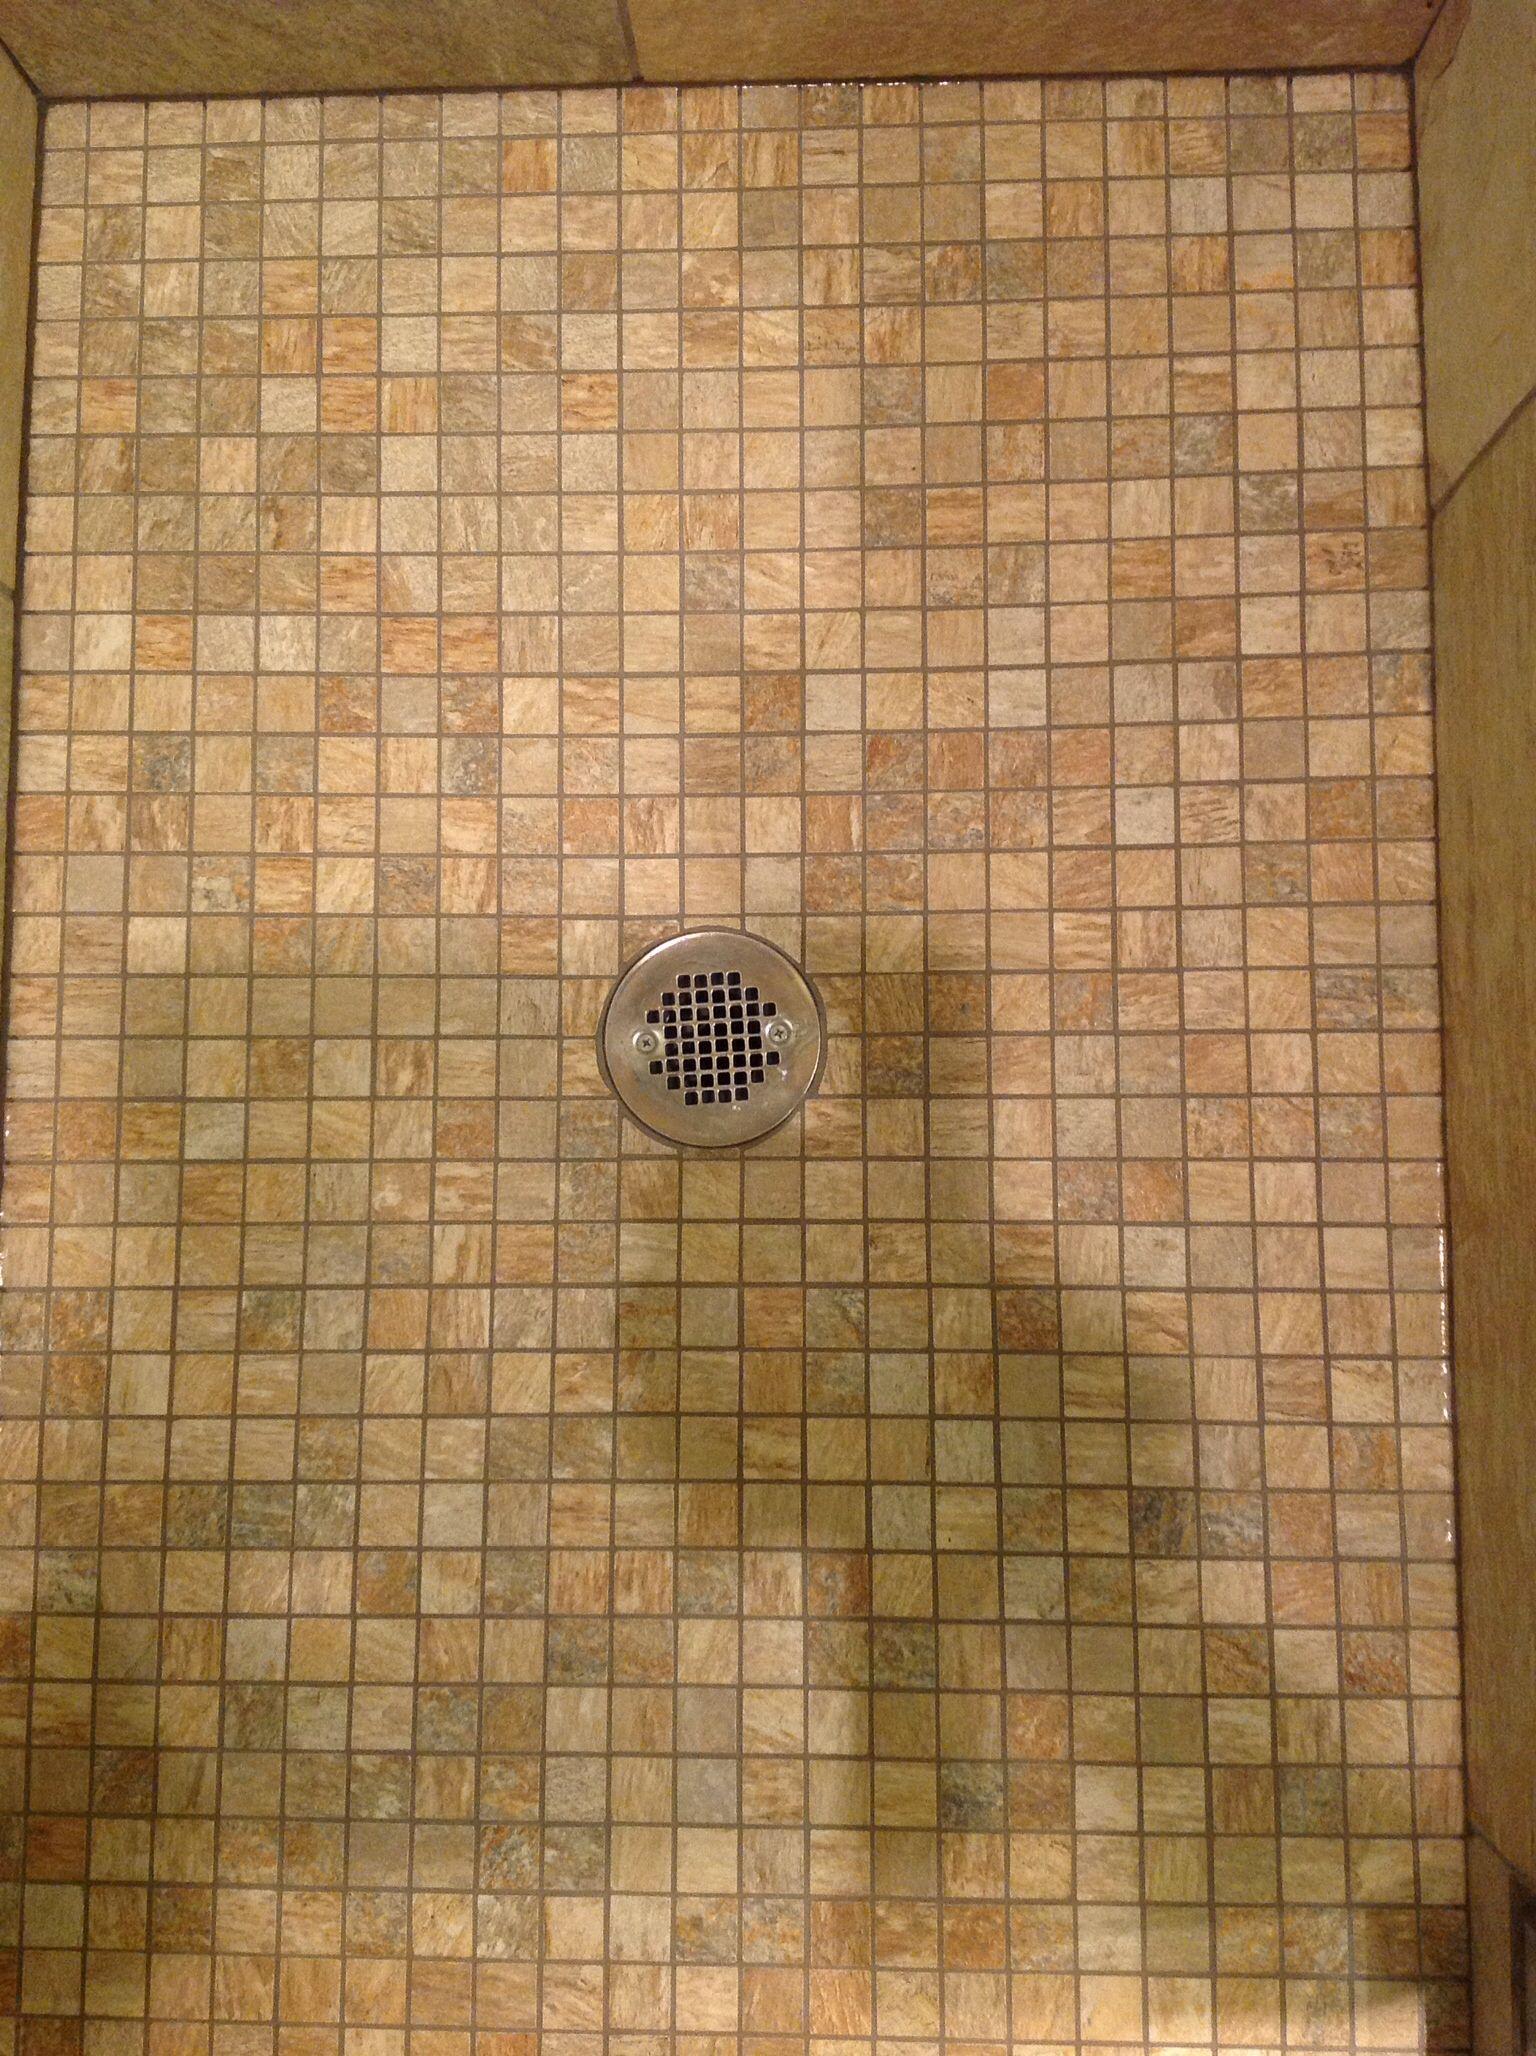 Non Slip Tiles On The Shower Floor Shower Floor Bathroom Renos Walk In Shower